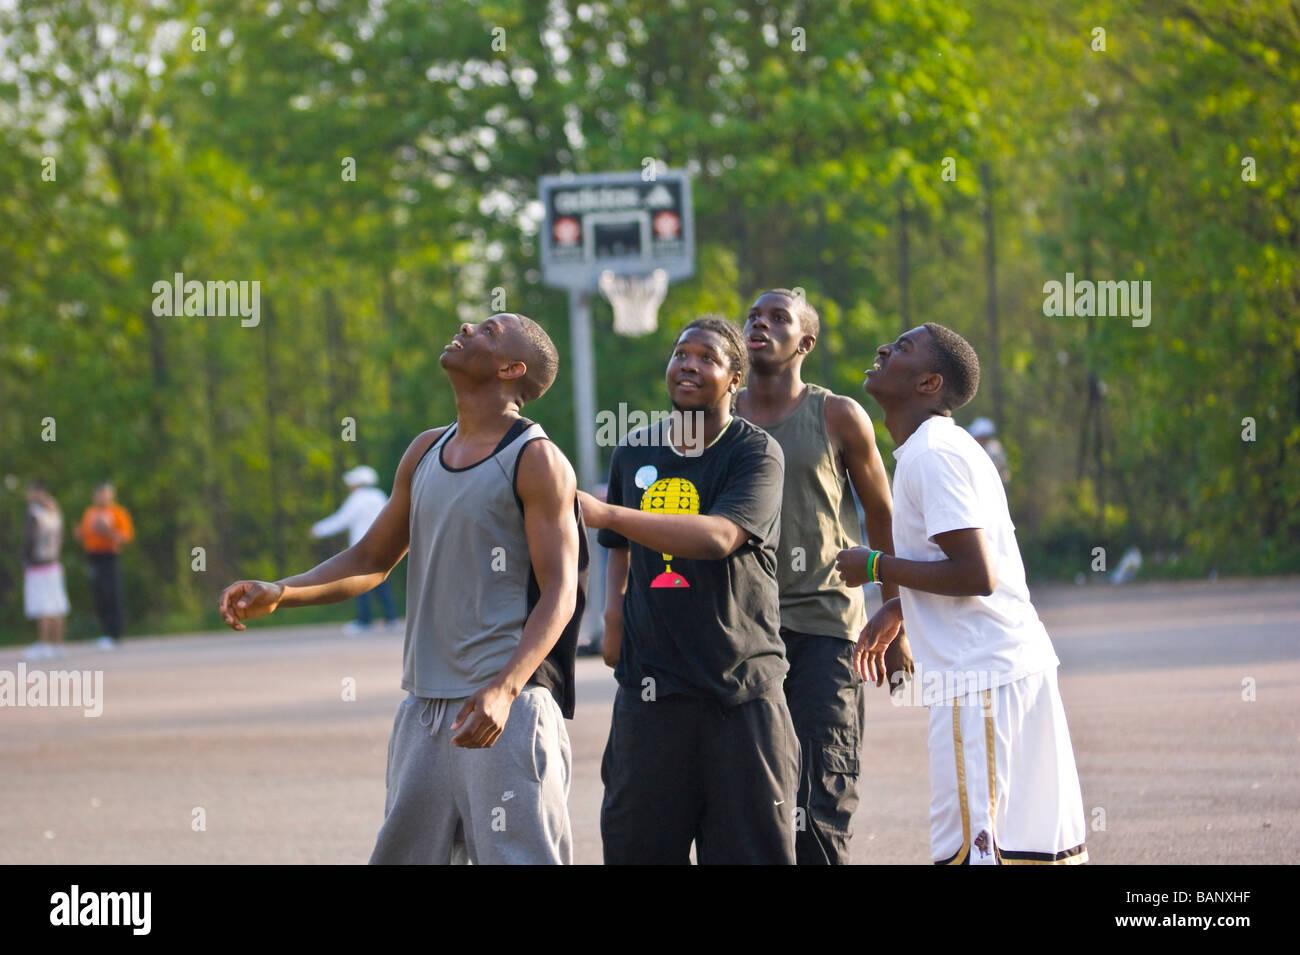 El domingo por la tarde. Jugadores de baloncesto casual mirar con alegría y expectación, como sus propitiously Imagen De Stock